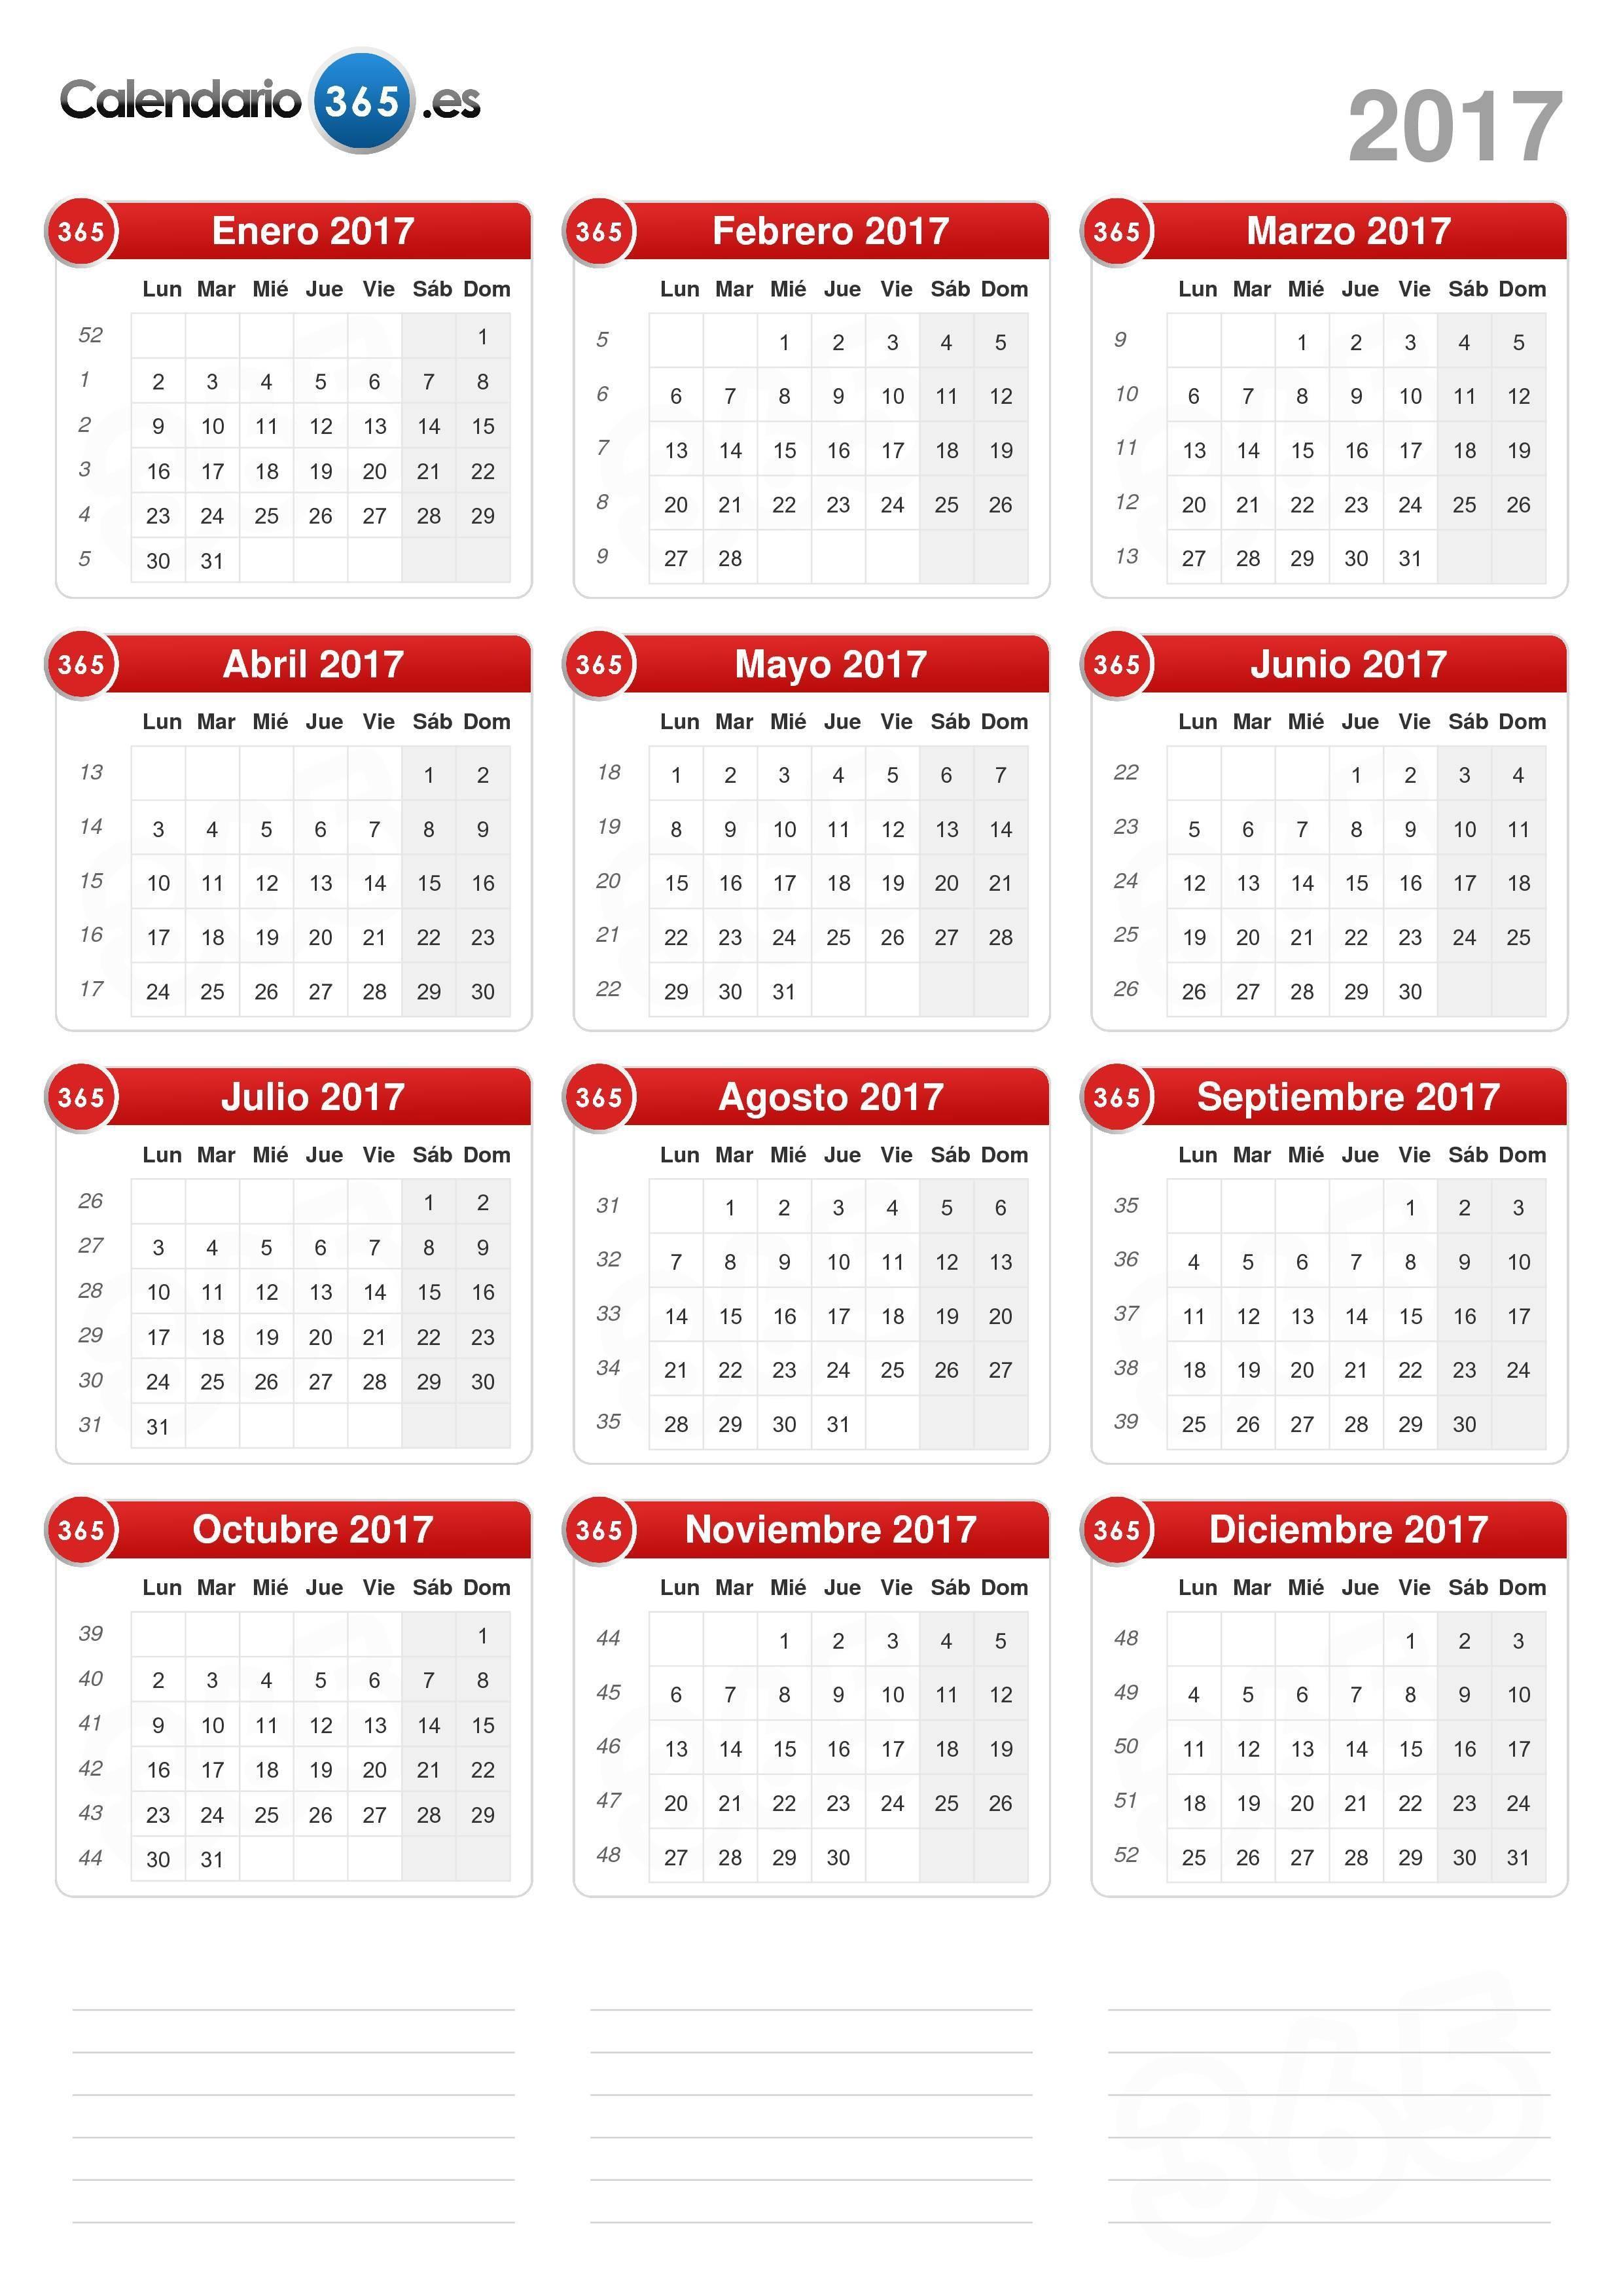 Calendario En Argentina Año 2019 Más Caliente Calendario 2017 Of Calendario En Argentina Año 2019 Más Recientes Integrado Construido A Partir De Modelos De Elevaci³n De La Densidad